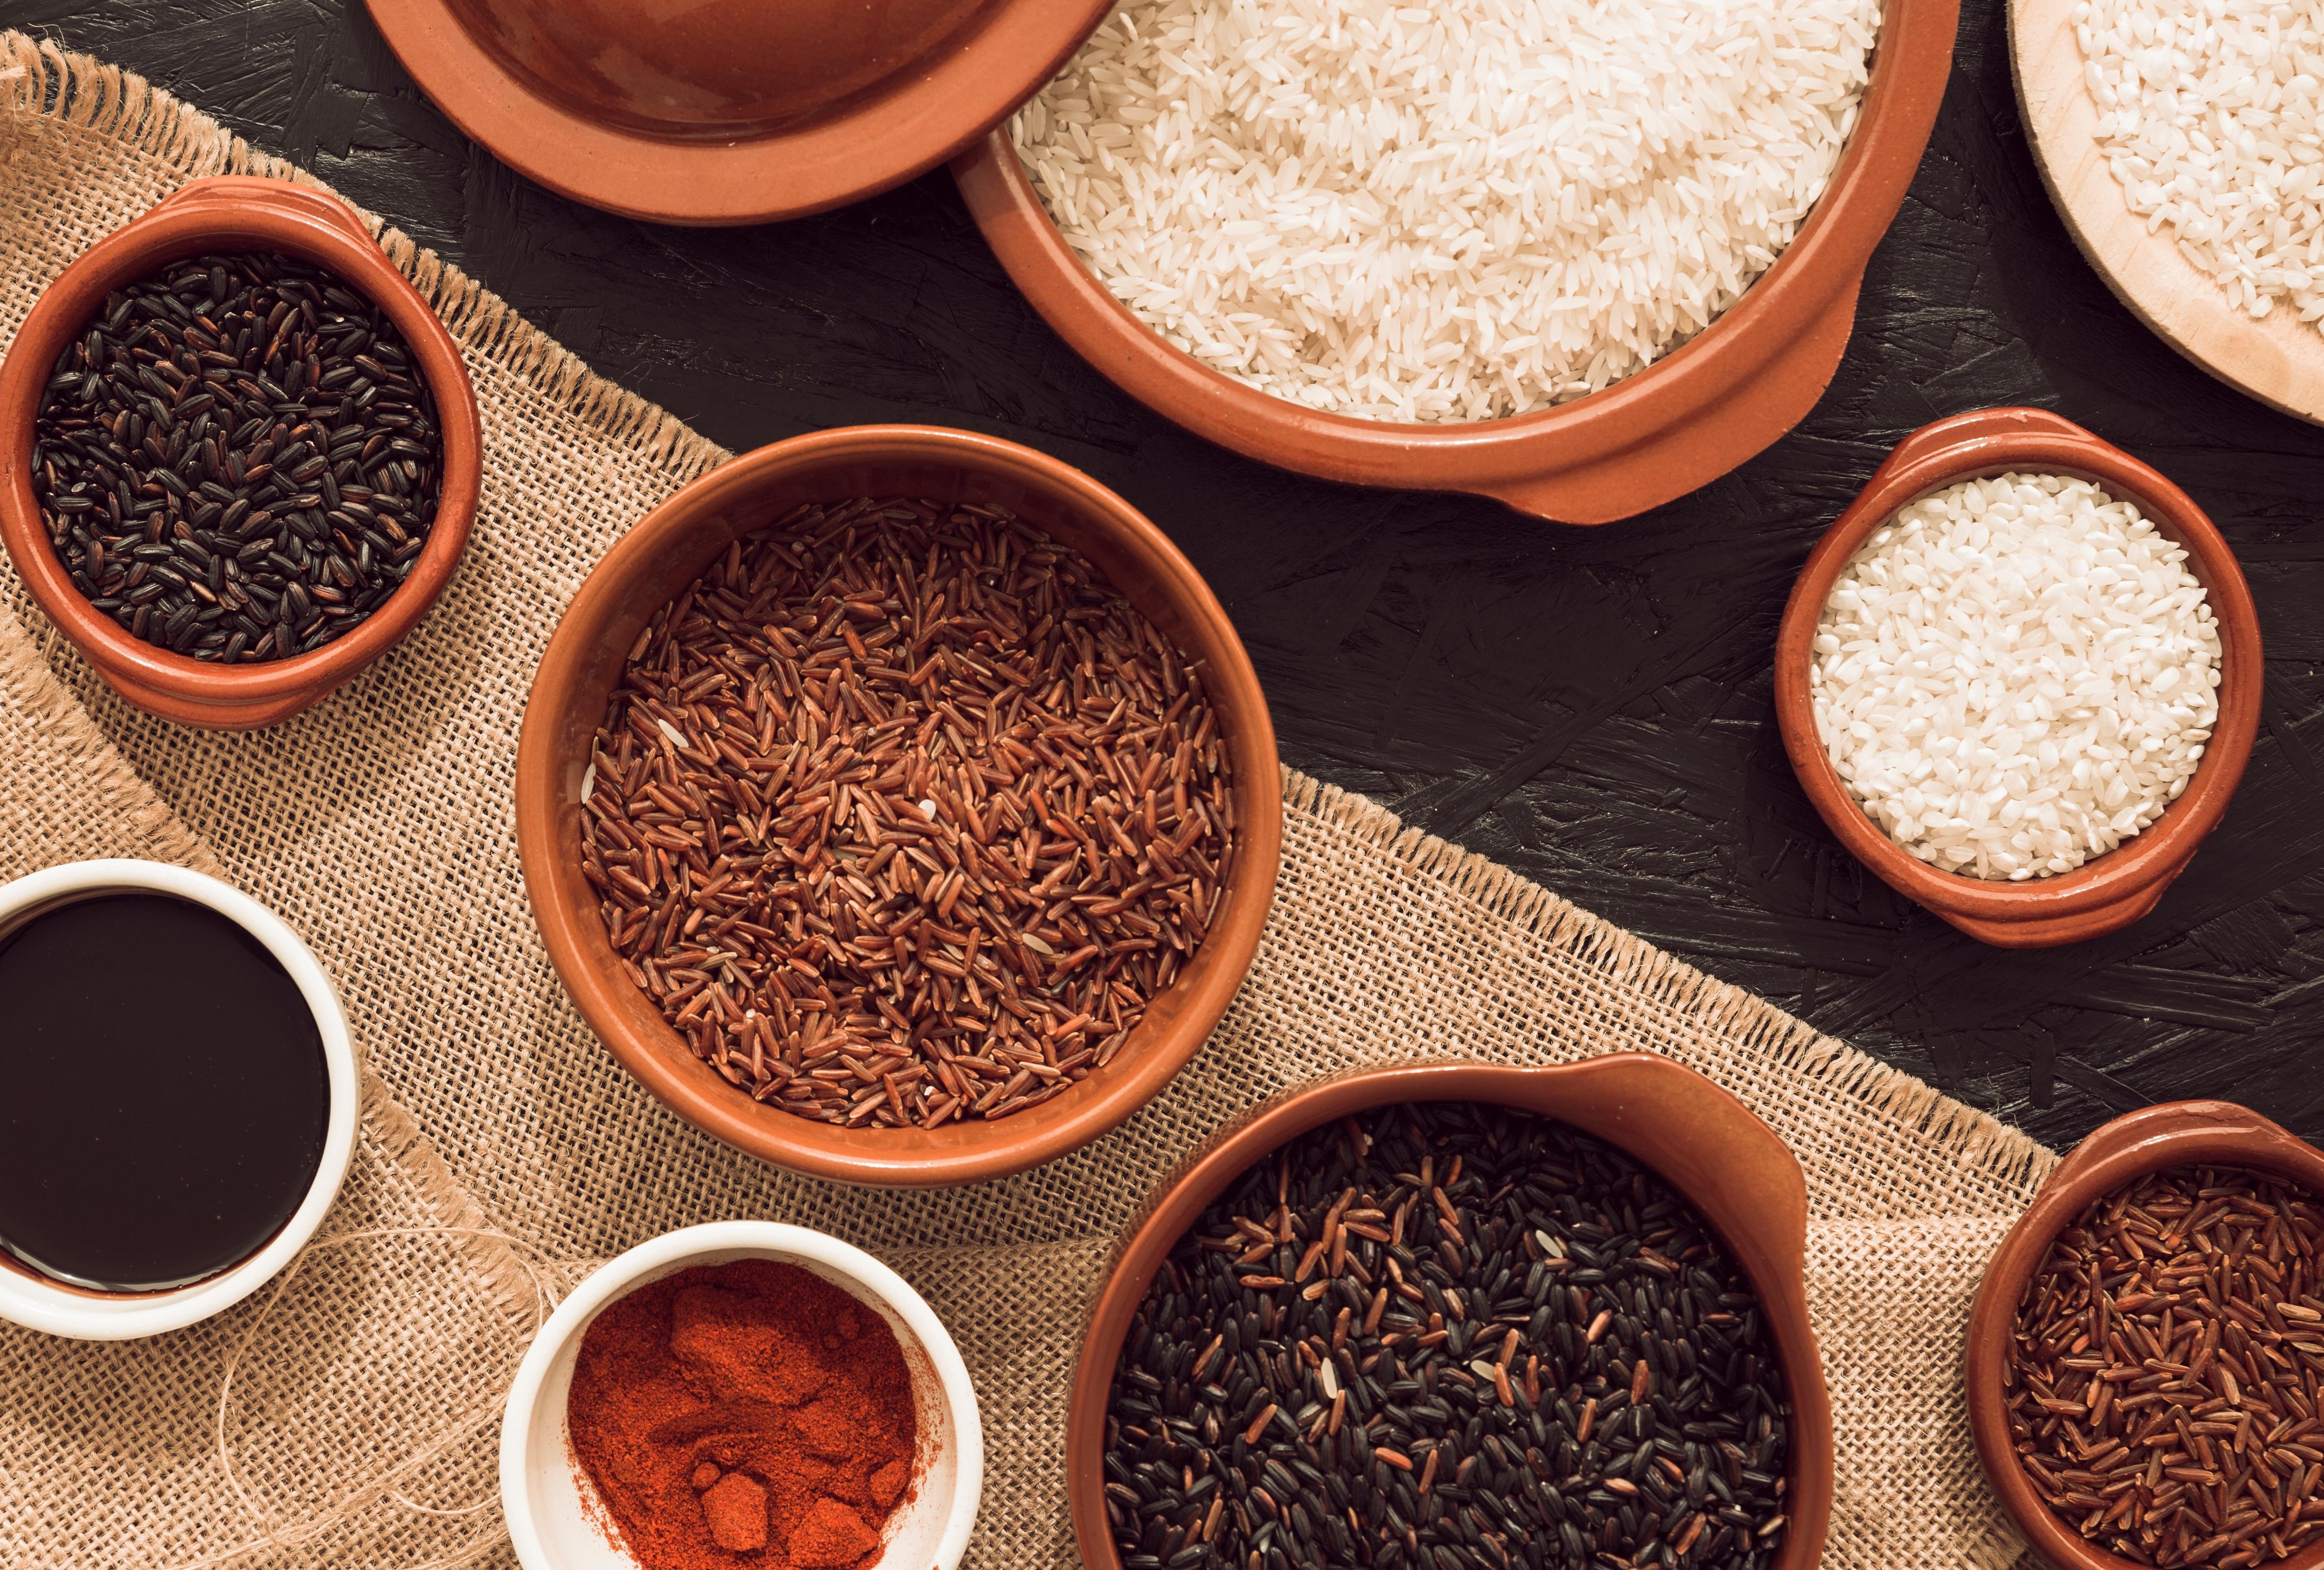 全穀類食物有哪些?掌握3個「全穀」飲食原則及好處 - 有其田